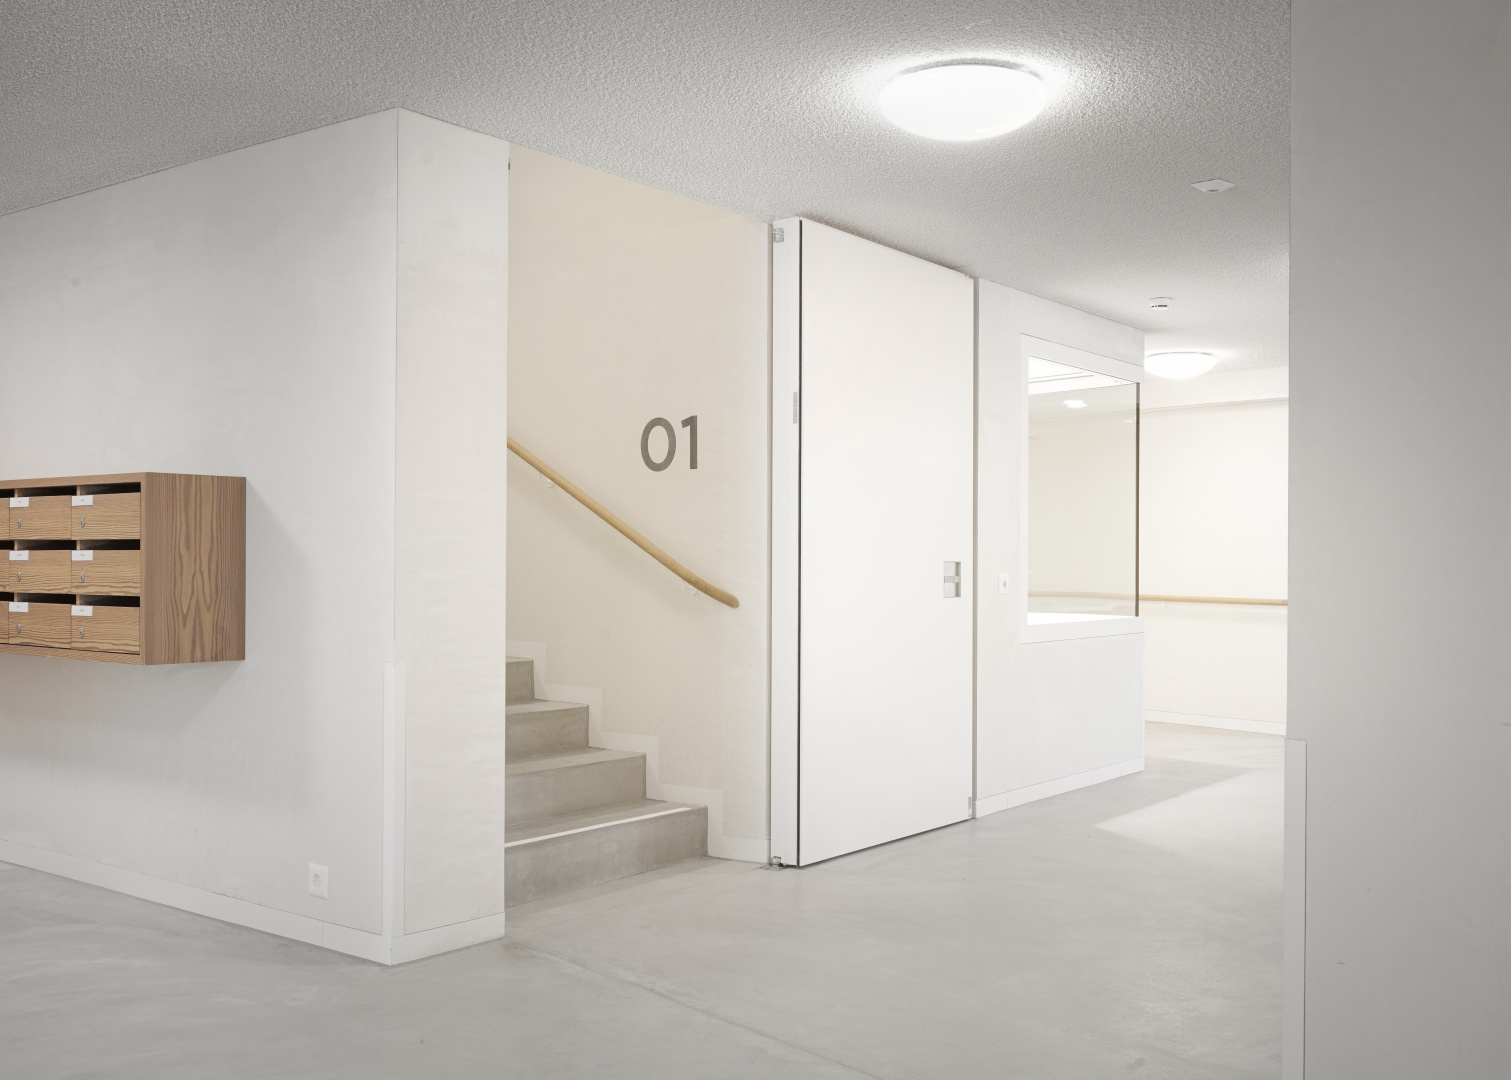 Treppe 1. Obergeschoss © Rindlisbacher Franz, Zürich